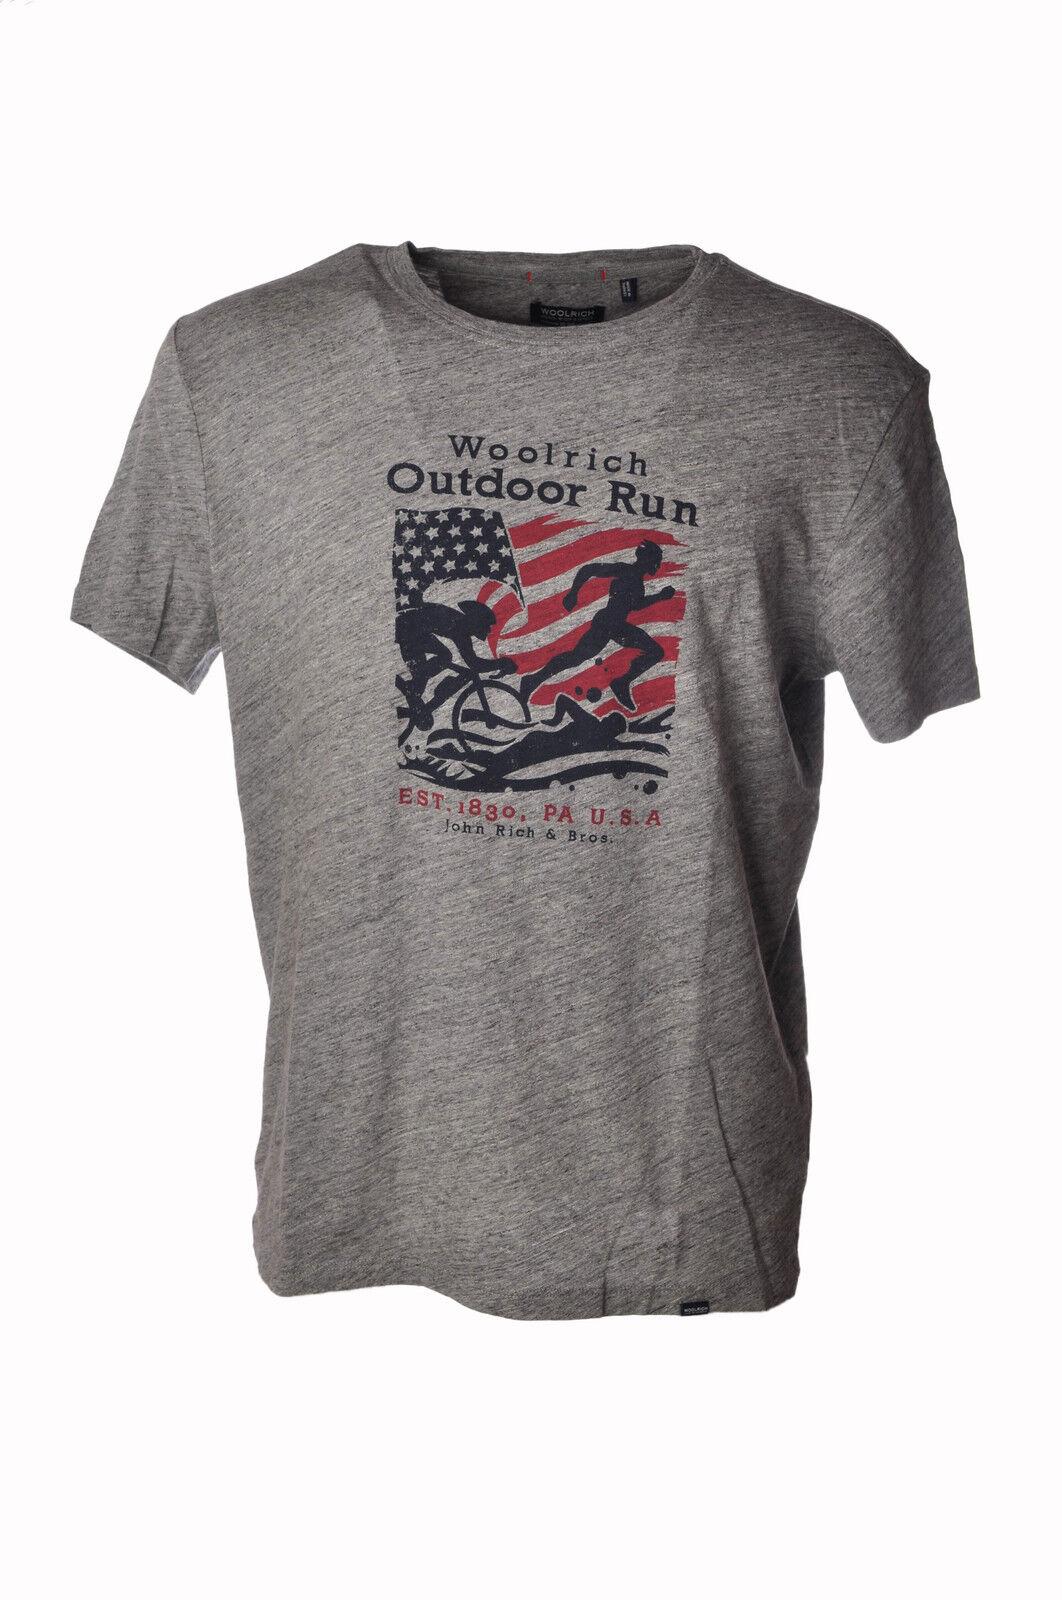 Woolrich - Topwear-T-shirts - Man - Grau - 3559904E184906